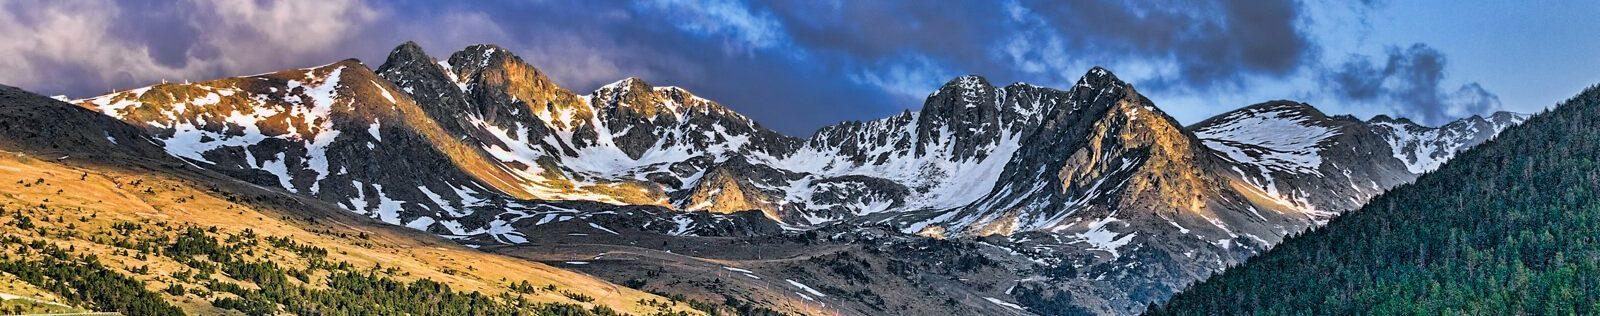 Андорра – великолепный отдых, лыжные и новогодние туры